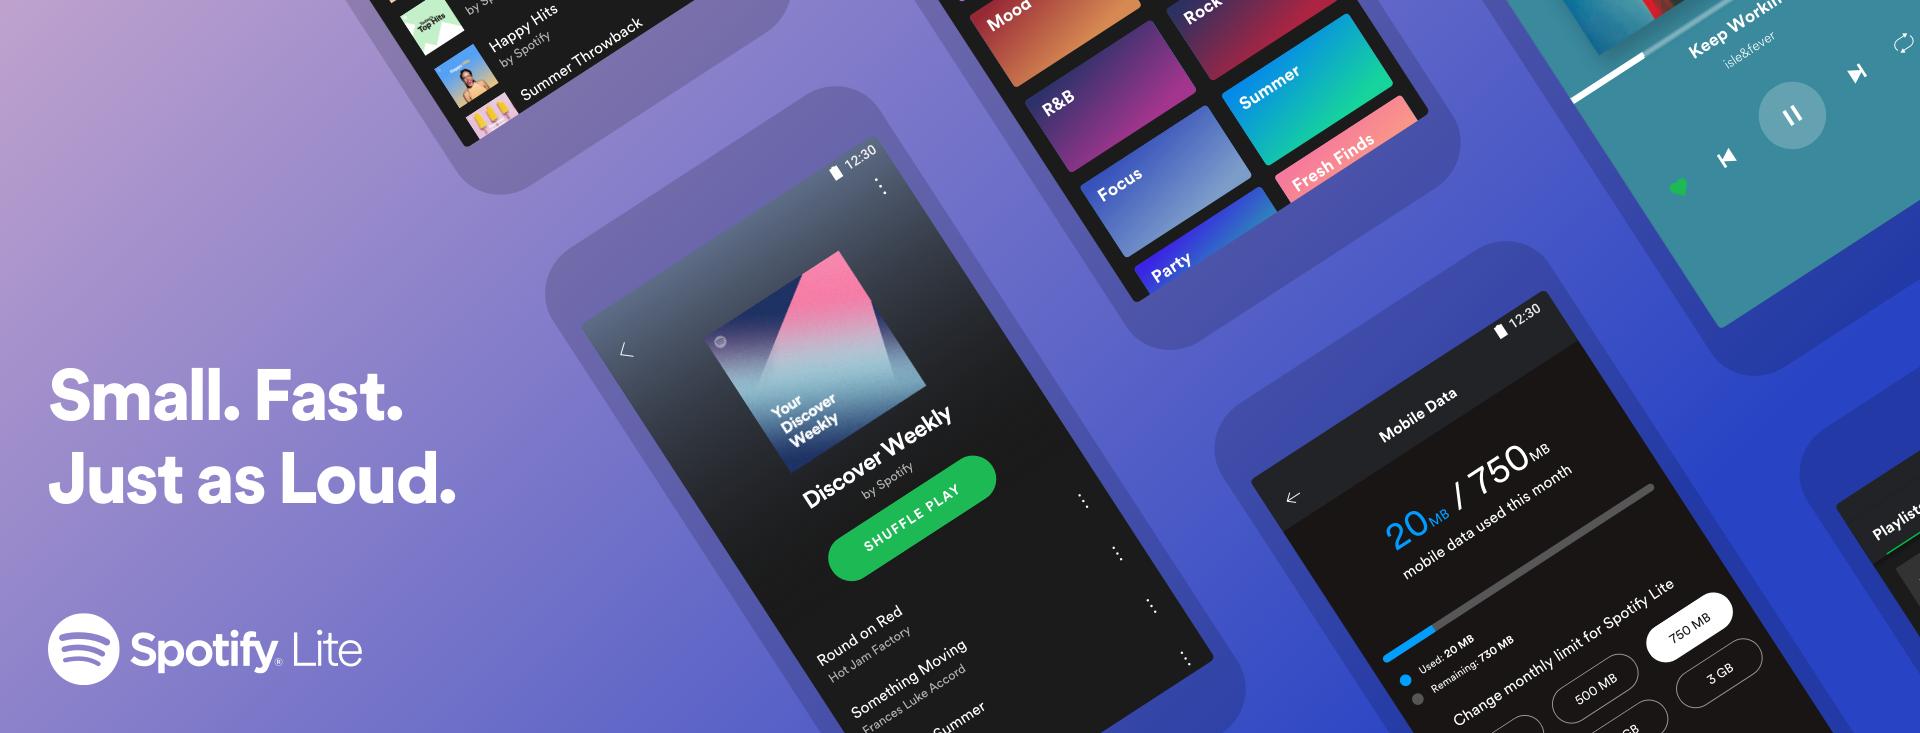 Spotify Premium 8.5.17.676 Crack Final + Mod Lite 2019 Free Download